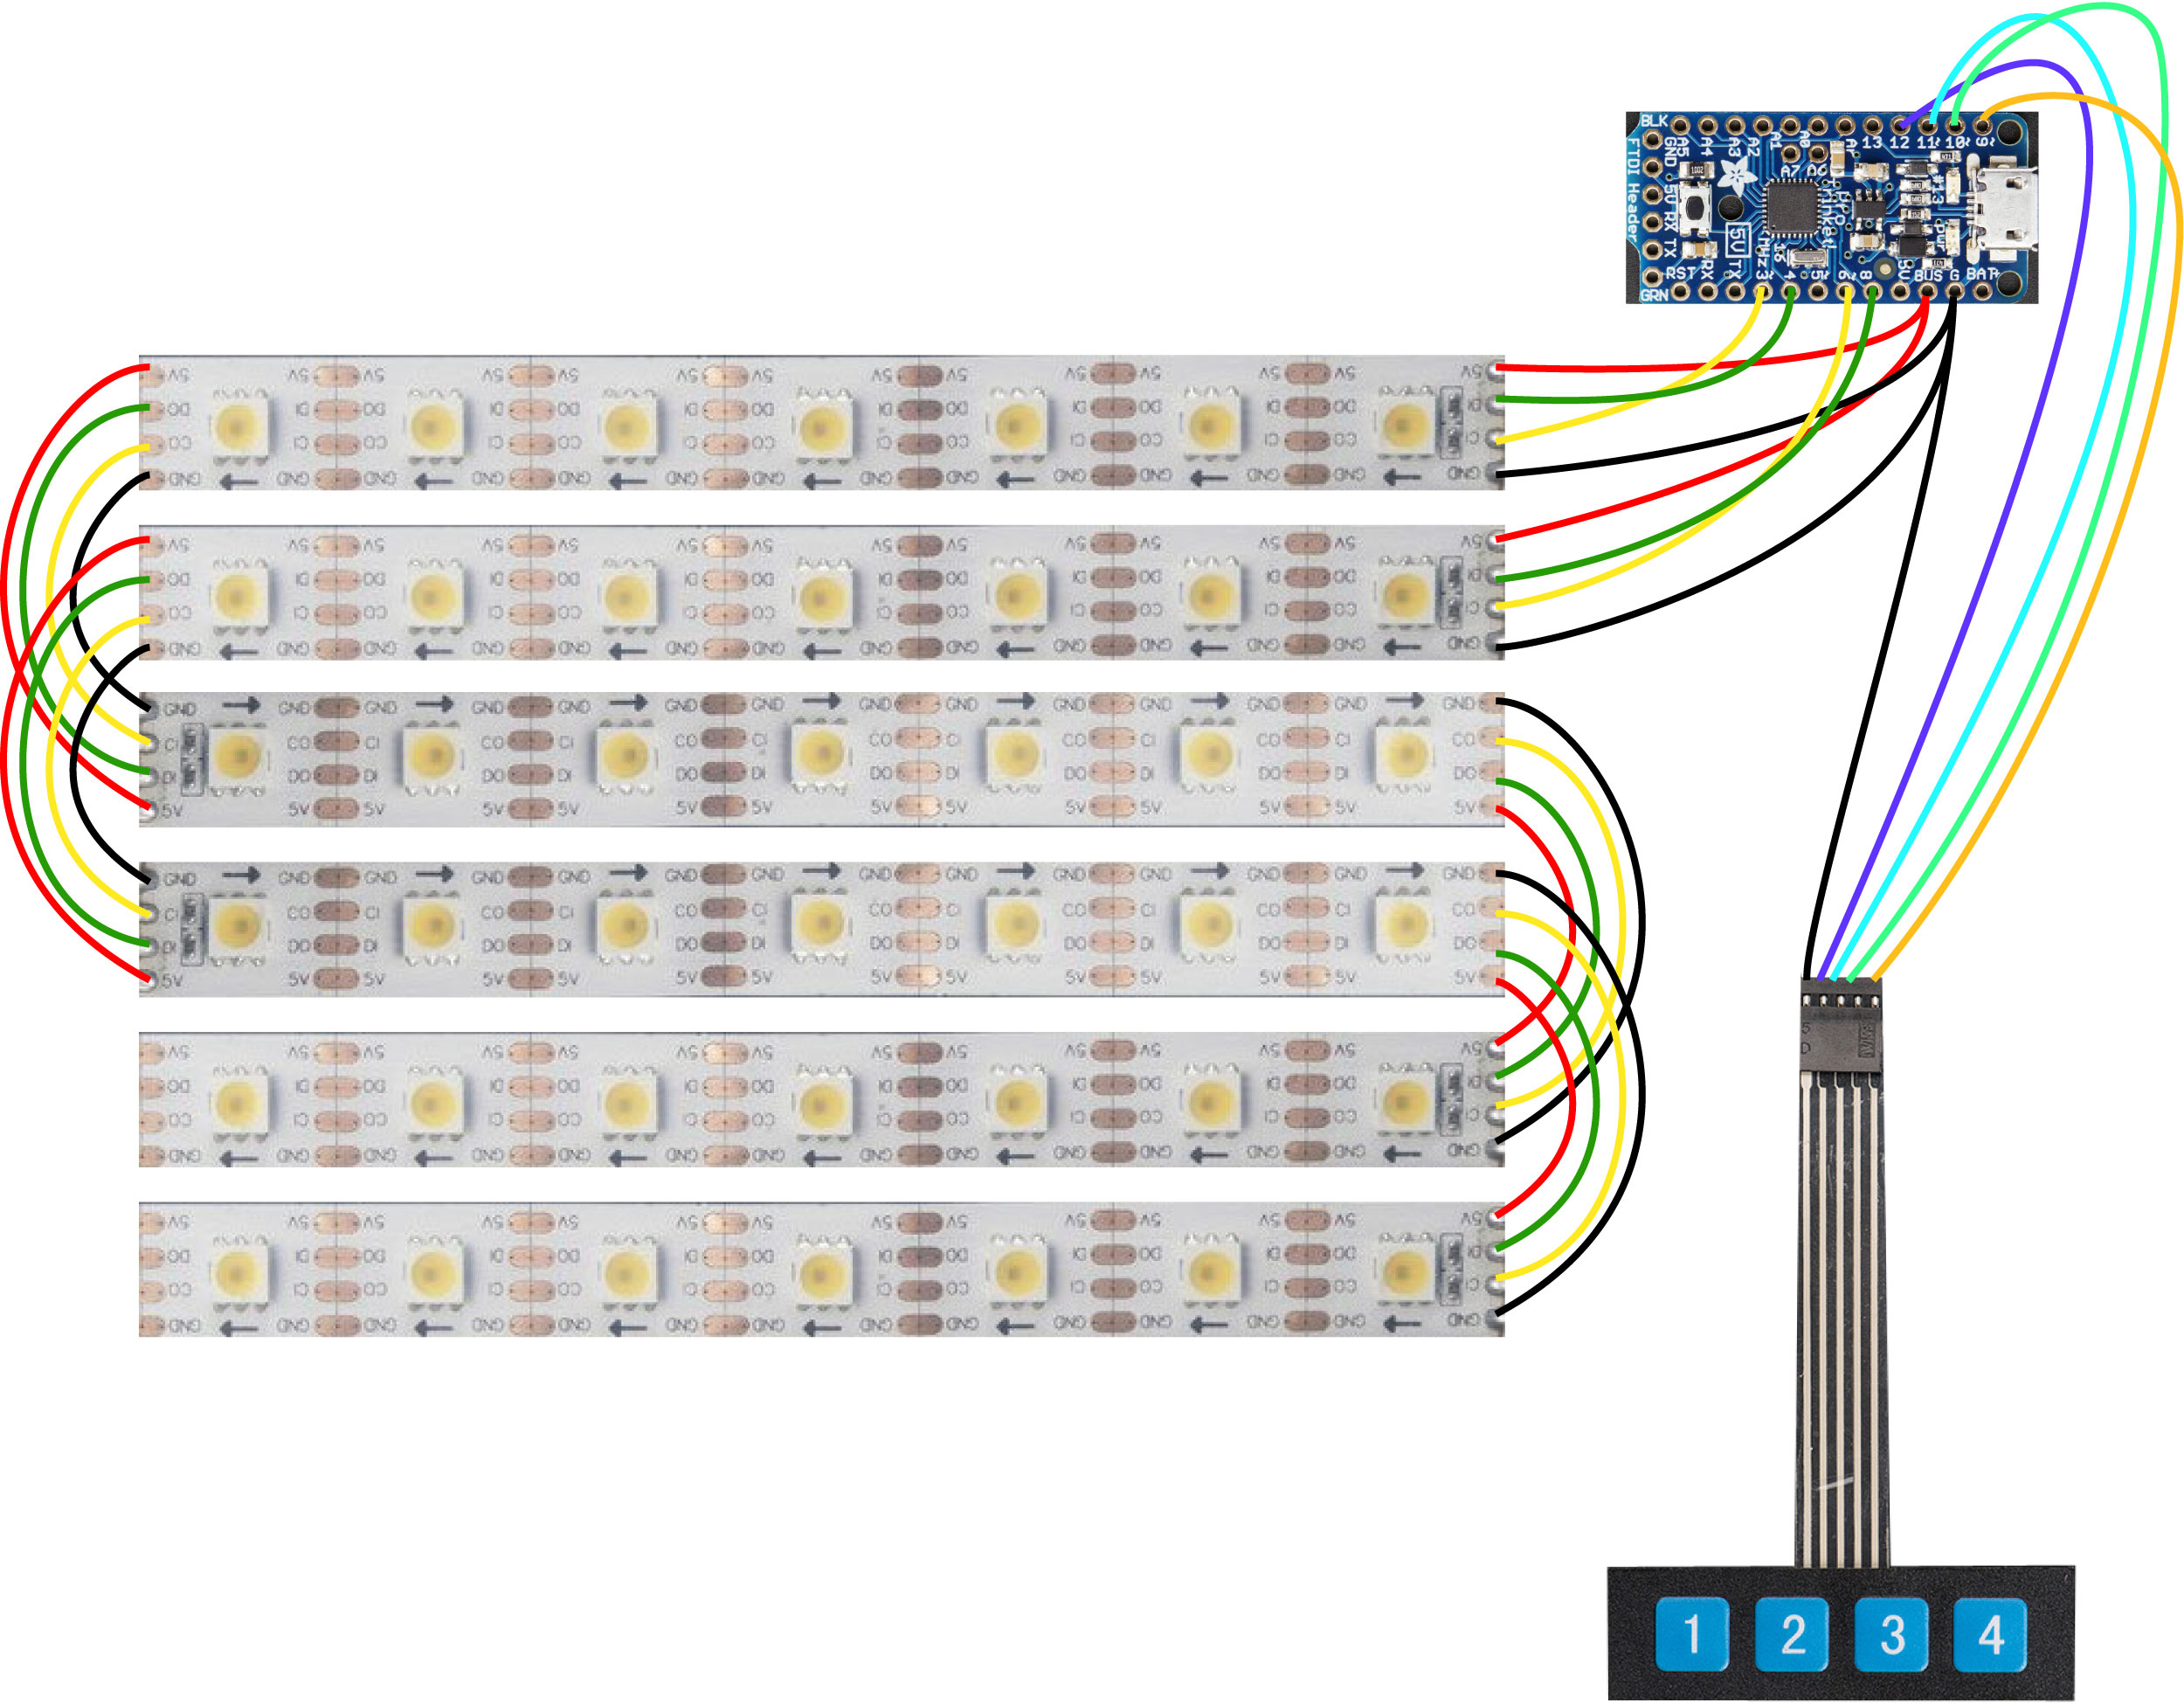 led_strips_roll-up-video-light-diagram.jpg